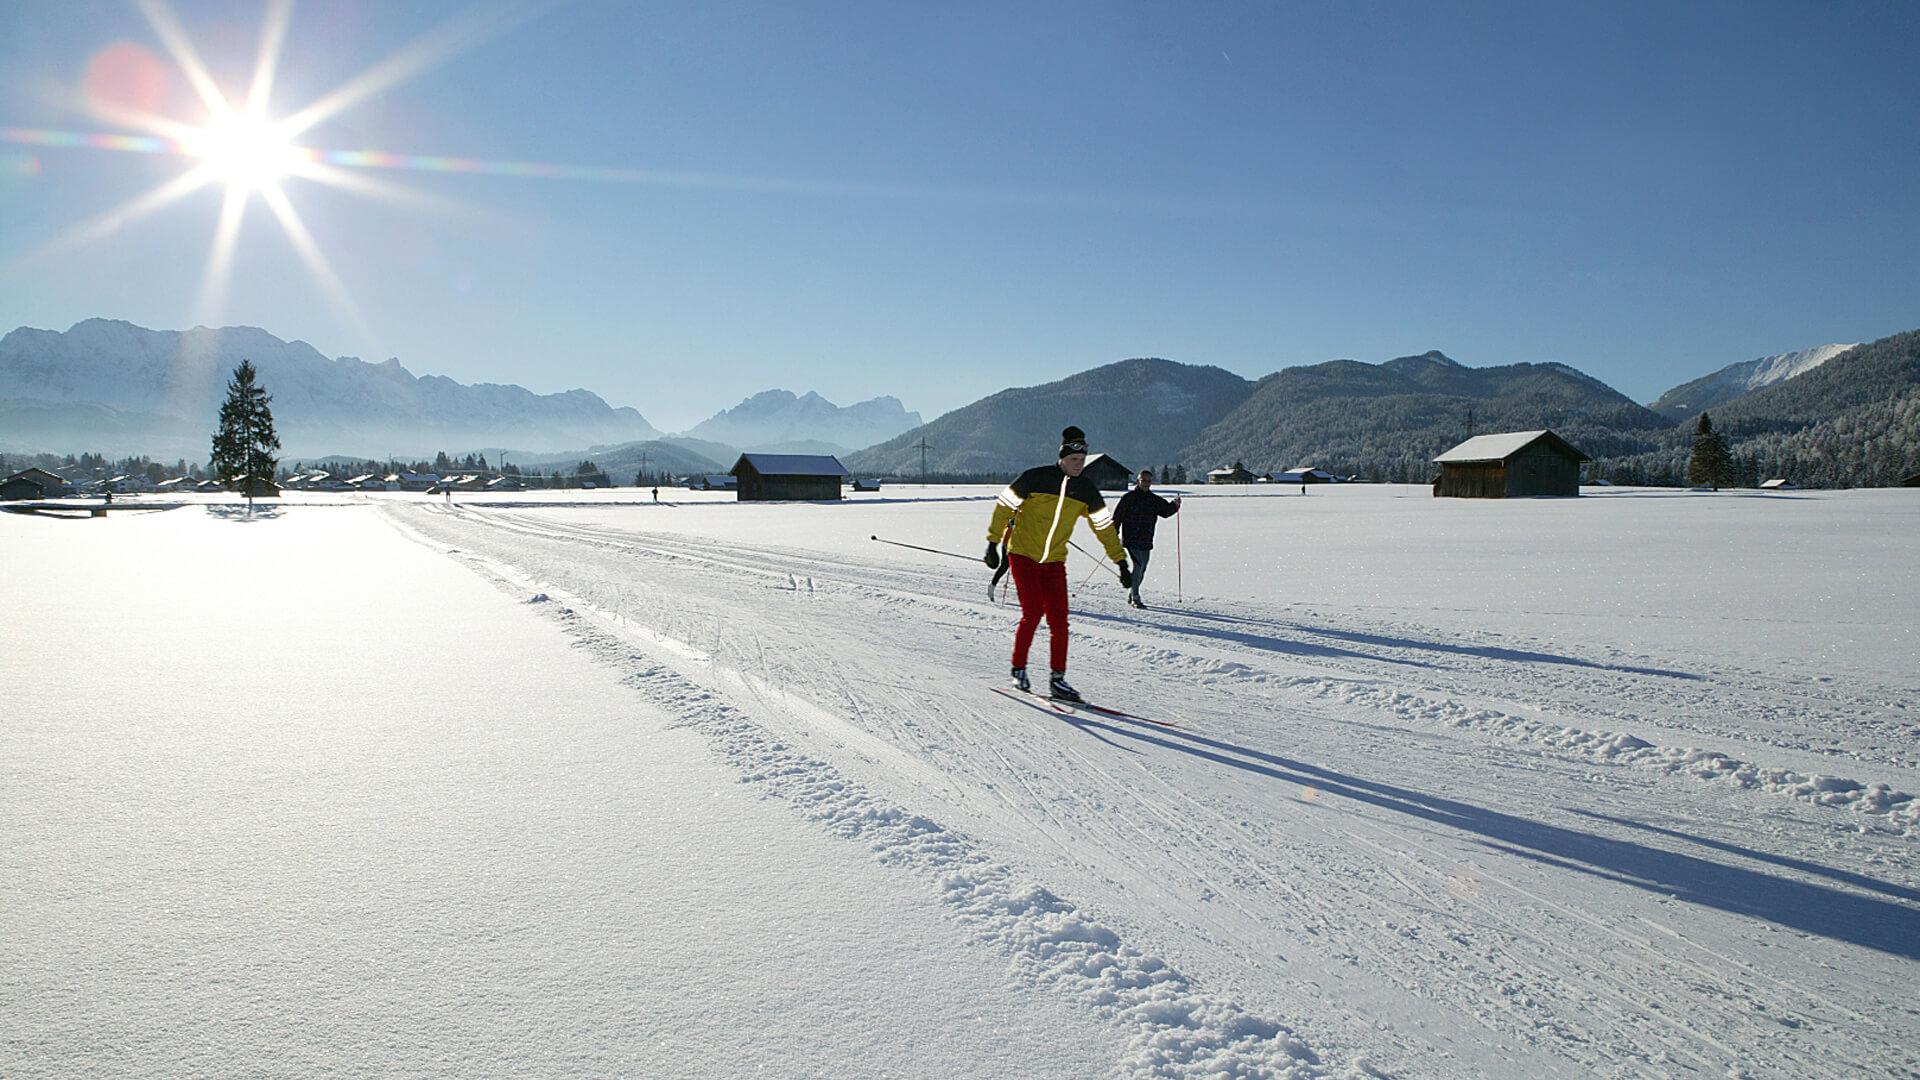 Winterurlaub in Garmisch-Partenkirchen – Langlaufen